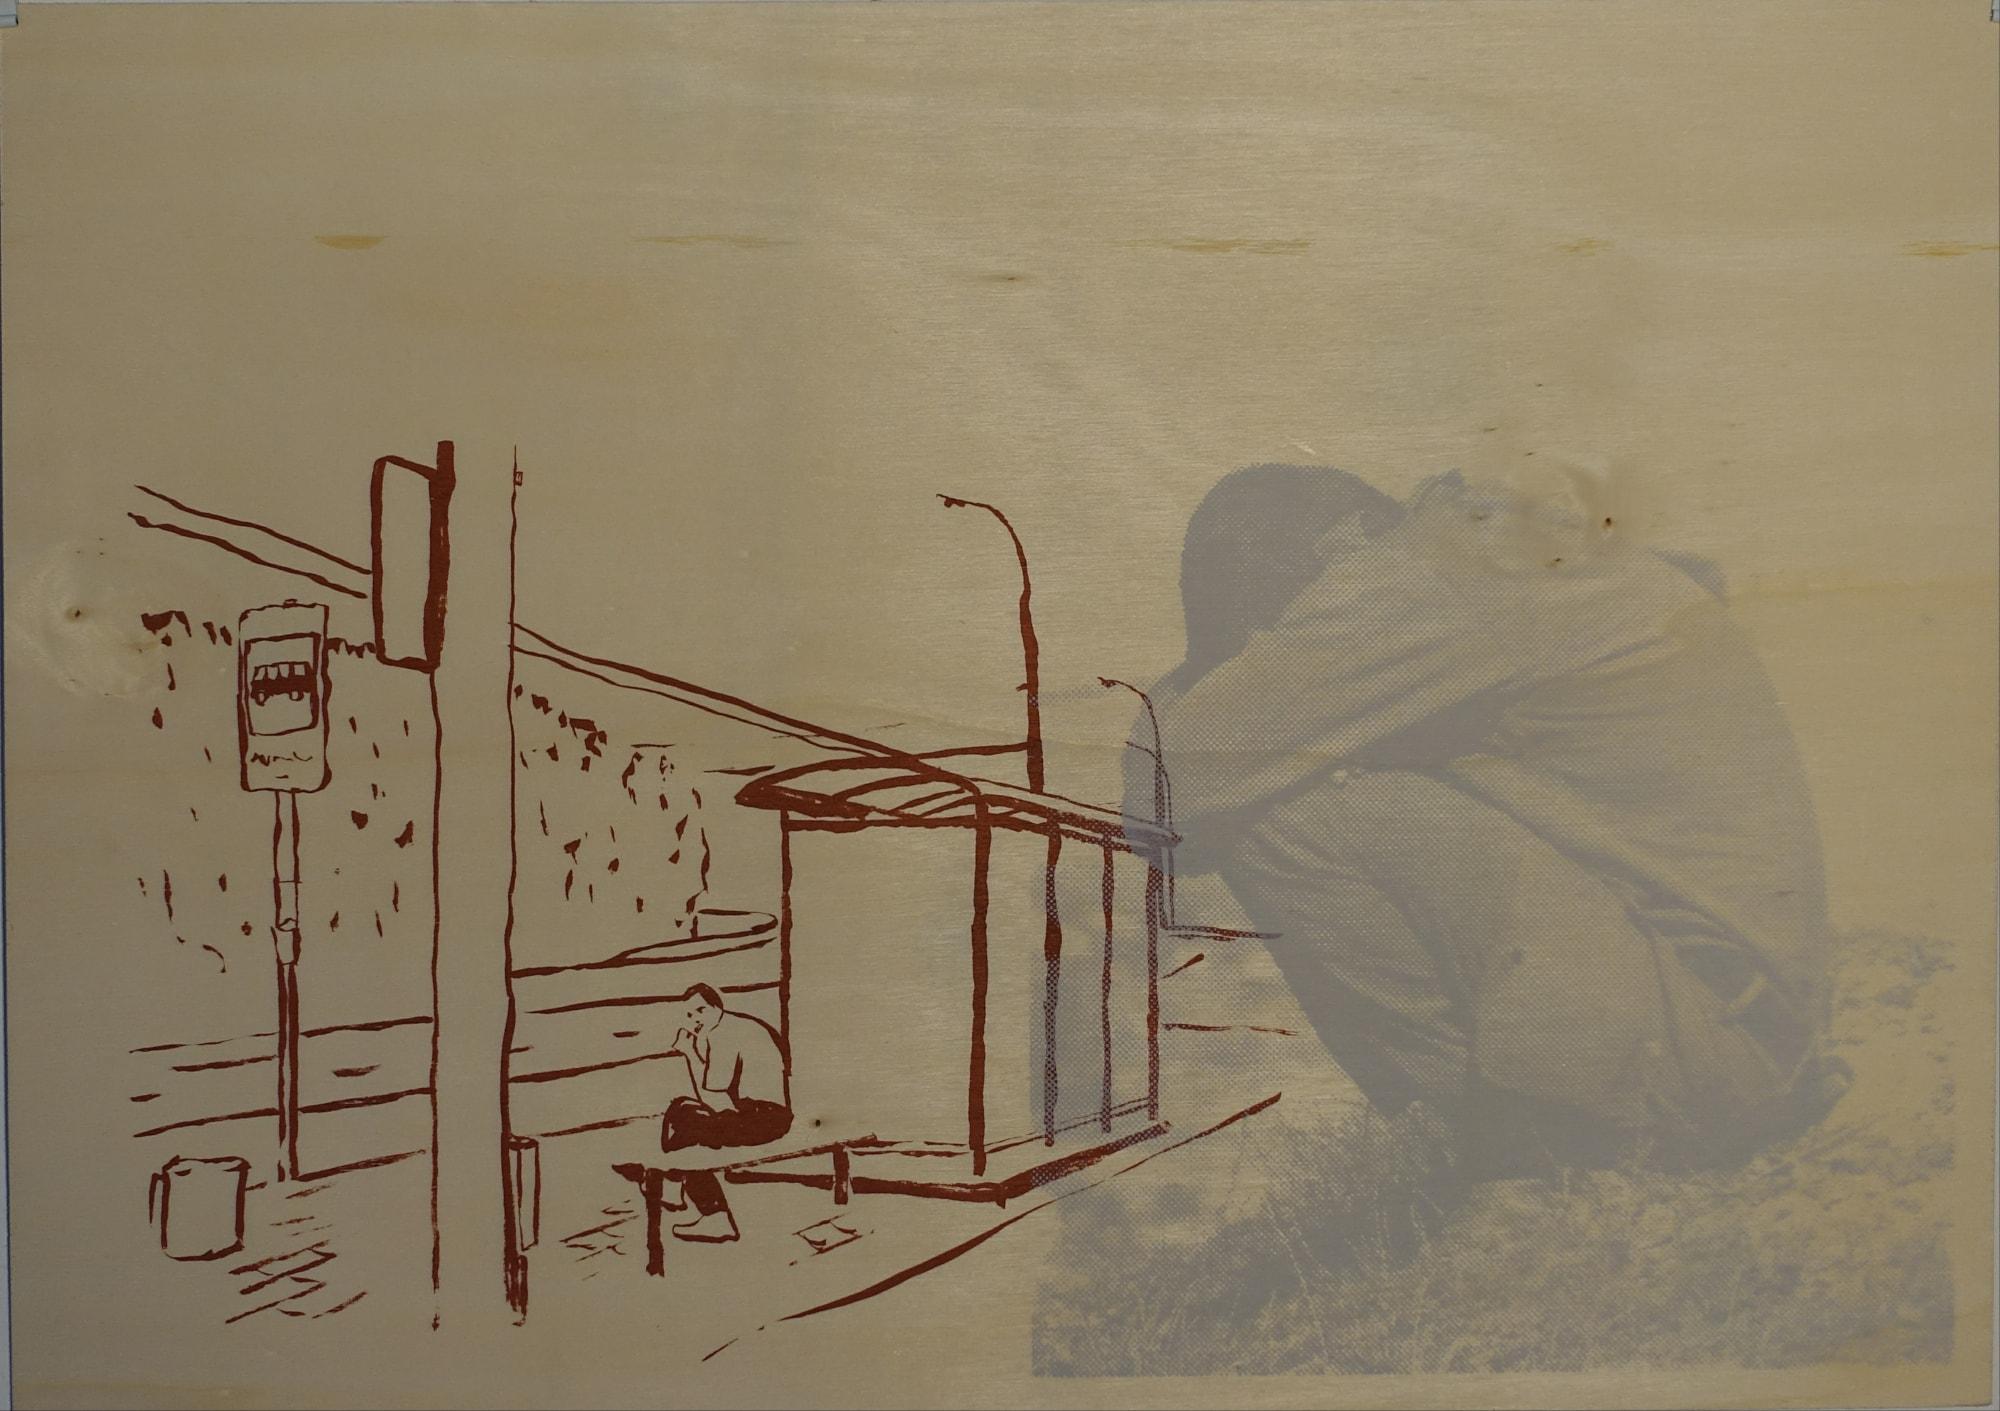 Druck, Siebdruck auf Holz, 42cm x 30cm, Mann sitzt an Haltestelle, überlagert von kauernder Figur, artist: Franziska King